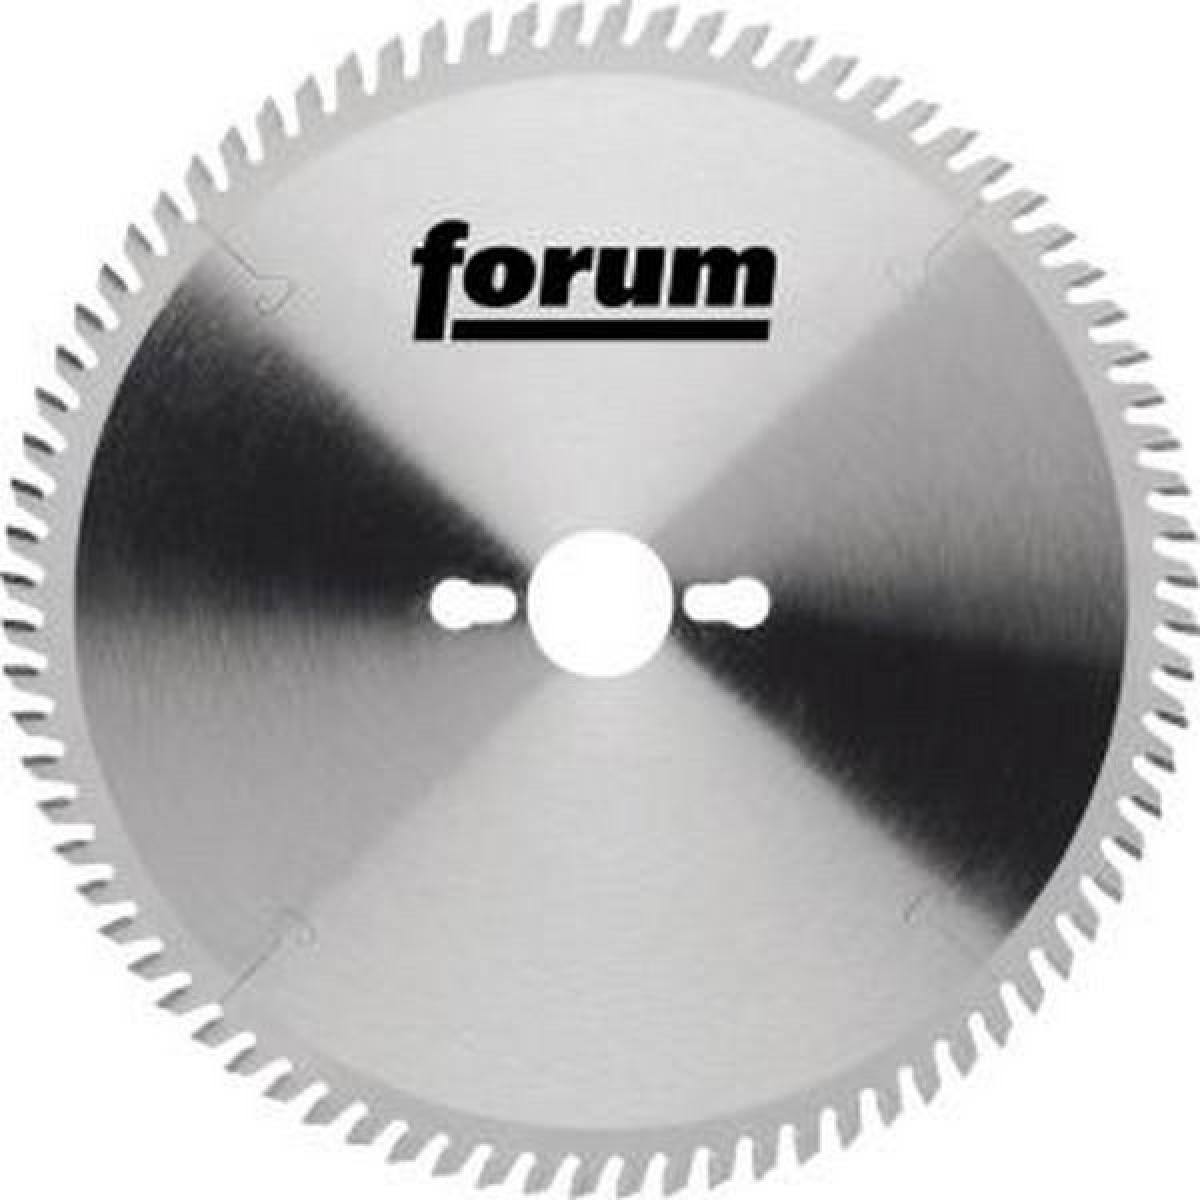 Forum Lame de scie circulaire, Ø : 250 mm, Larg. : 3,1 mm, Alésage 30 mm, Perçages secondaires : 2KNL*, Dents : 80